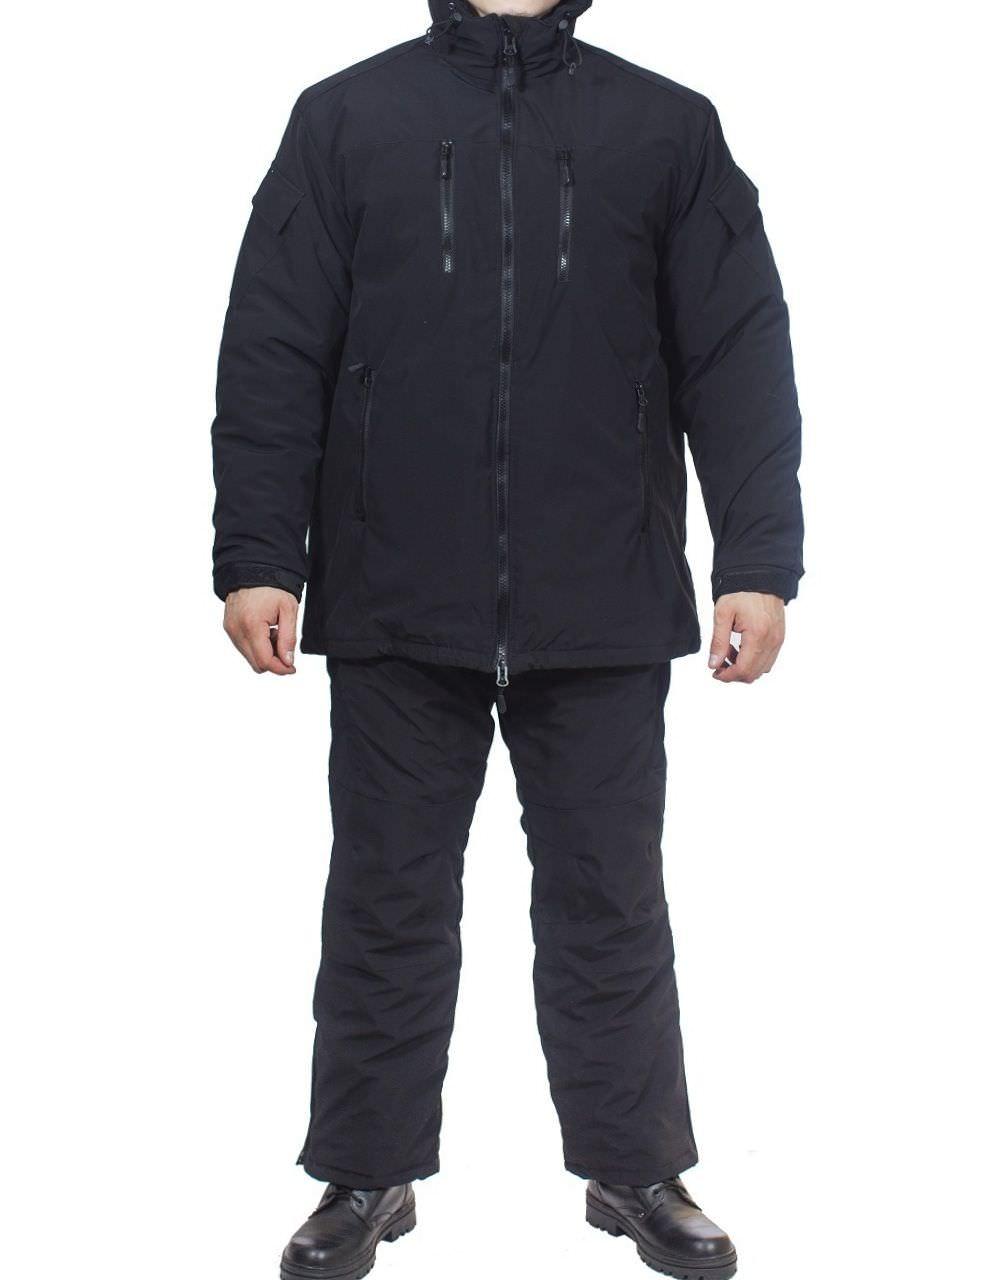 Костюм зимний МПА-38-01 (мембрана, черный), Костюмы утепленные<br>Костюм состоит из брюк с плечевой разгрузочной <br>системой, а также куртки со съемным капюшоном <br>и утепляющей подкладкой. Разработан для <br>подразделений воооруженных сил, действующих <br>в условиях экстремального холода (до -50 <br>градусов Цельсия). ХАРАКТЕРИСТИКИ ЗАЩИТА <br>ОТ ХОЛОДА ДЛЯ ИНТЕНСИВНЫХ НАГРУЗОК ДЛЯ <br>АКТИВНОГО ОТДЫХА ТОЛЬКО РУЧНАЯ СТИРКА МАТЕРИАЛЫ <br>МЕМБРАНА УТЕПЛИТЕЛЬ ФАЙБЕРСОФТ<br><br>Пол: мужской<br>Размер: 52<br>Рост: 188<br>Сезон: зима<br>Цвет: черный<br>Материал: мембрана